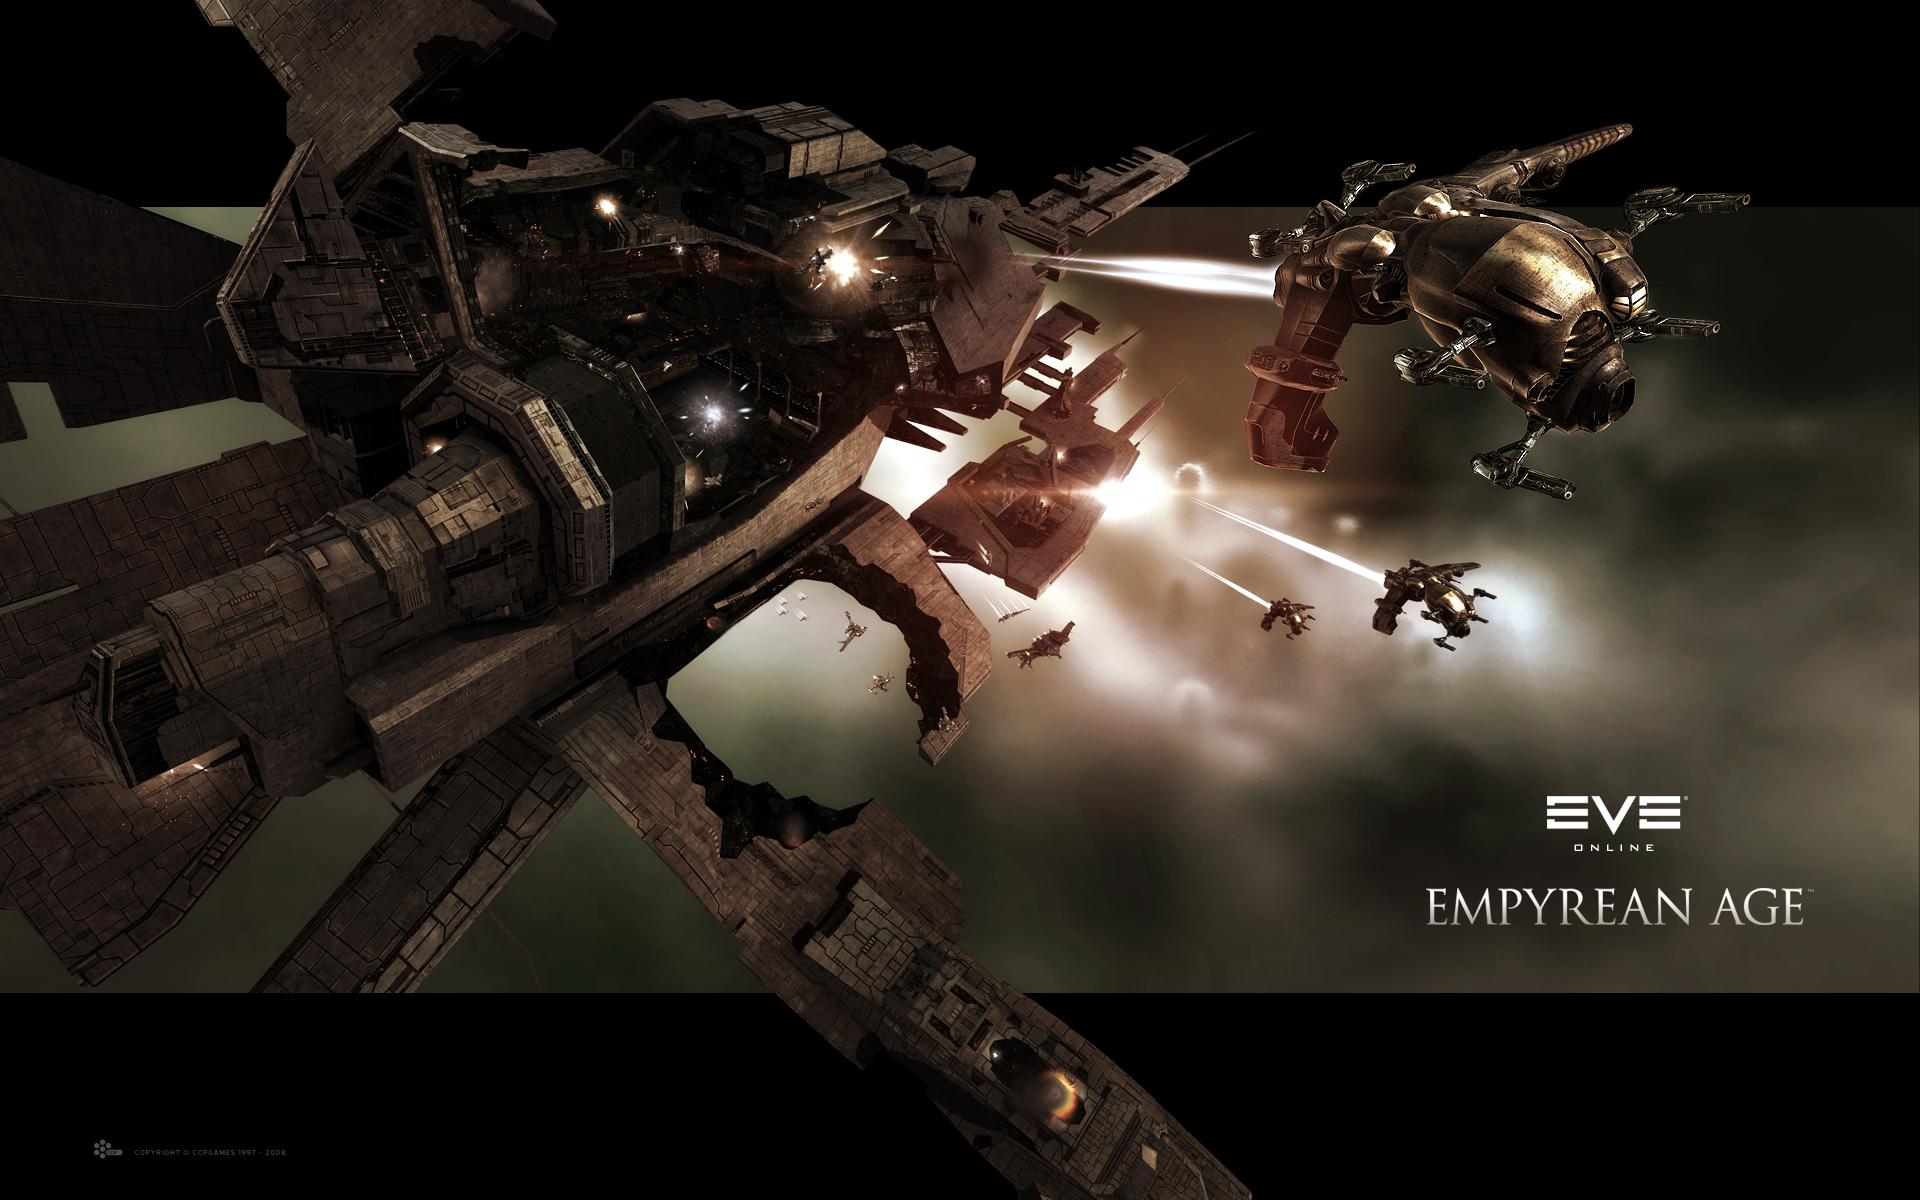 星战前夜 EVE 壁纸 高清图片 游戏壁纸-第4张